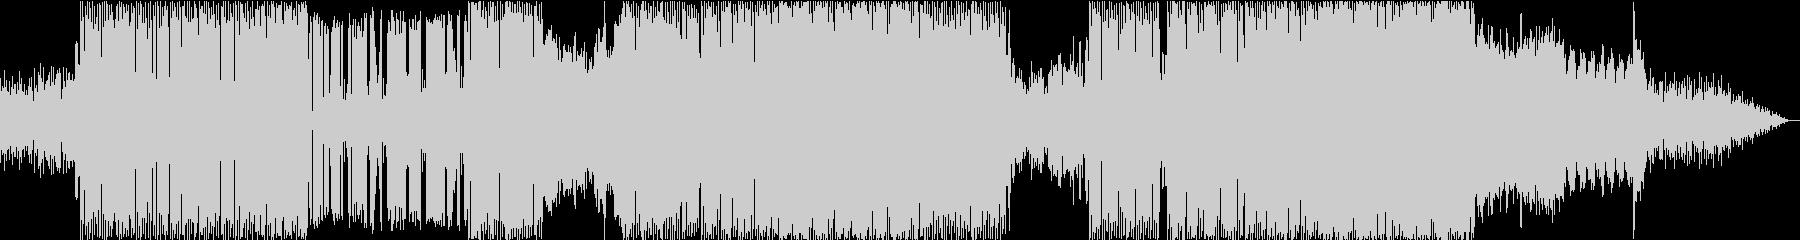 エレクトロニカインストゥルメンタル...の未再生の波形